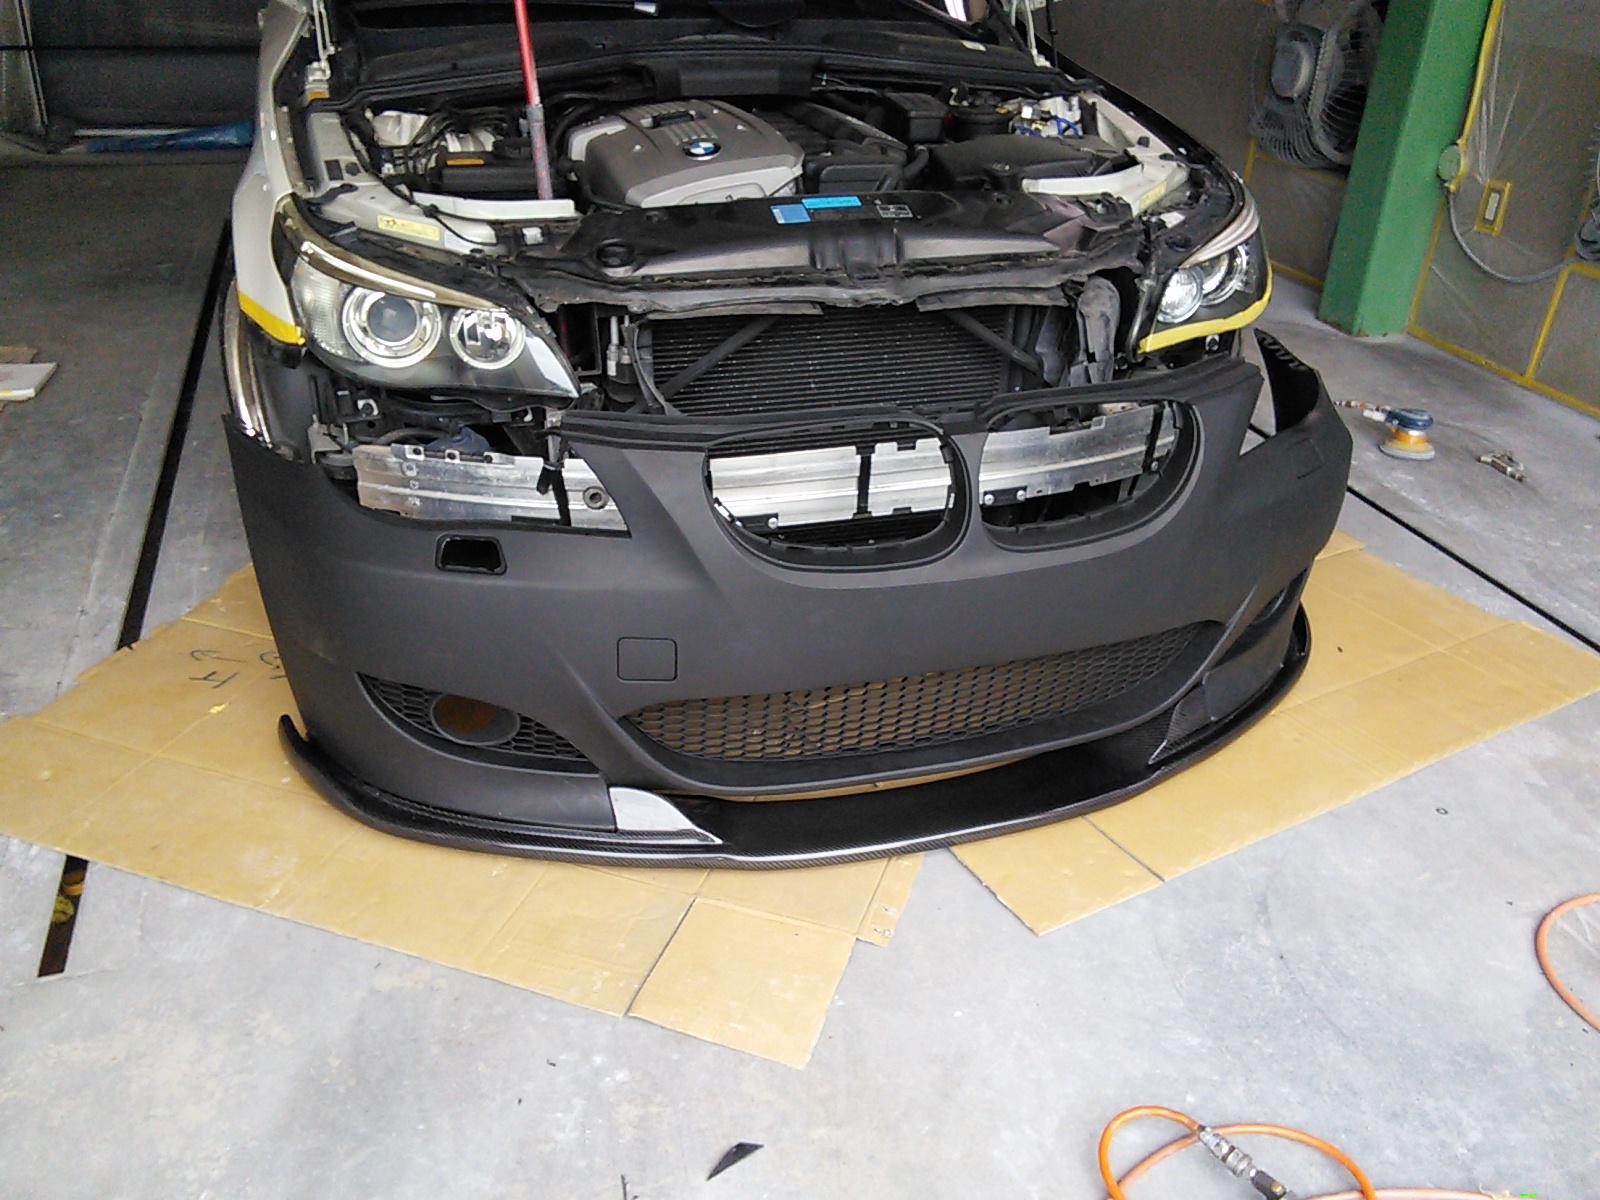 BMW 5シリーズ 事故修理 先週のブログの続き塗装編  豊田市  板金塗装